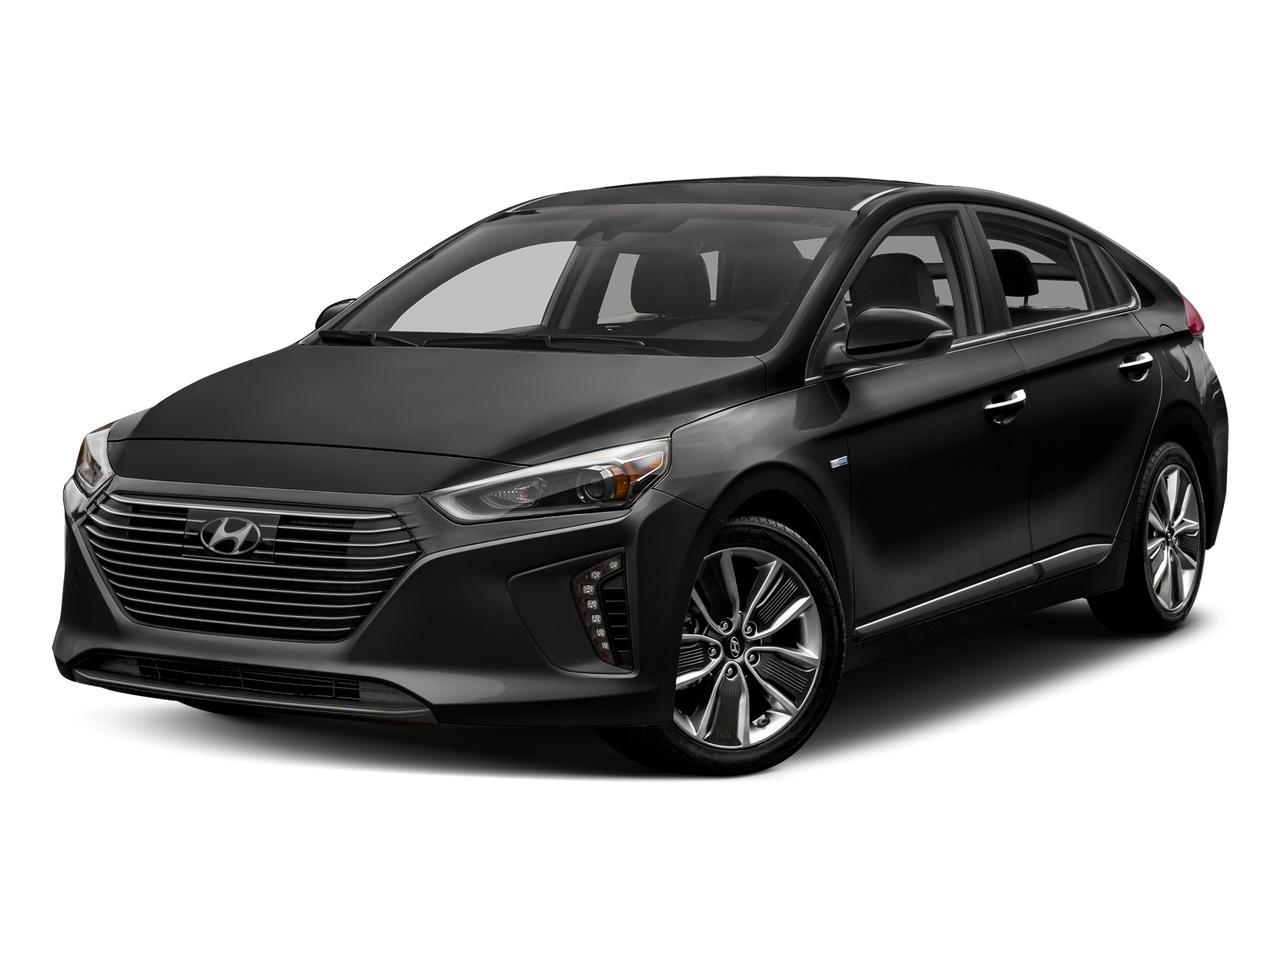 2017 Hyundai IONIQ Hybrid Vehicle Photo in McKinney, TX 75070